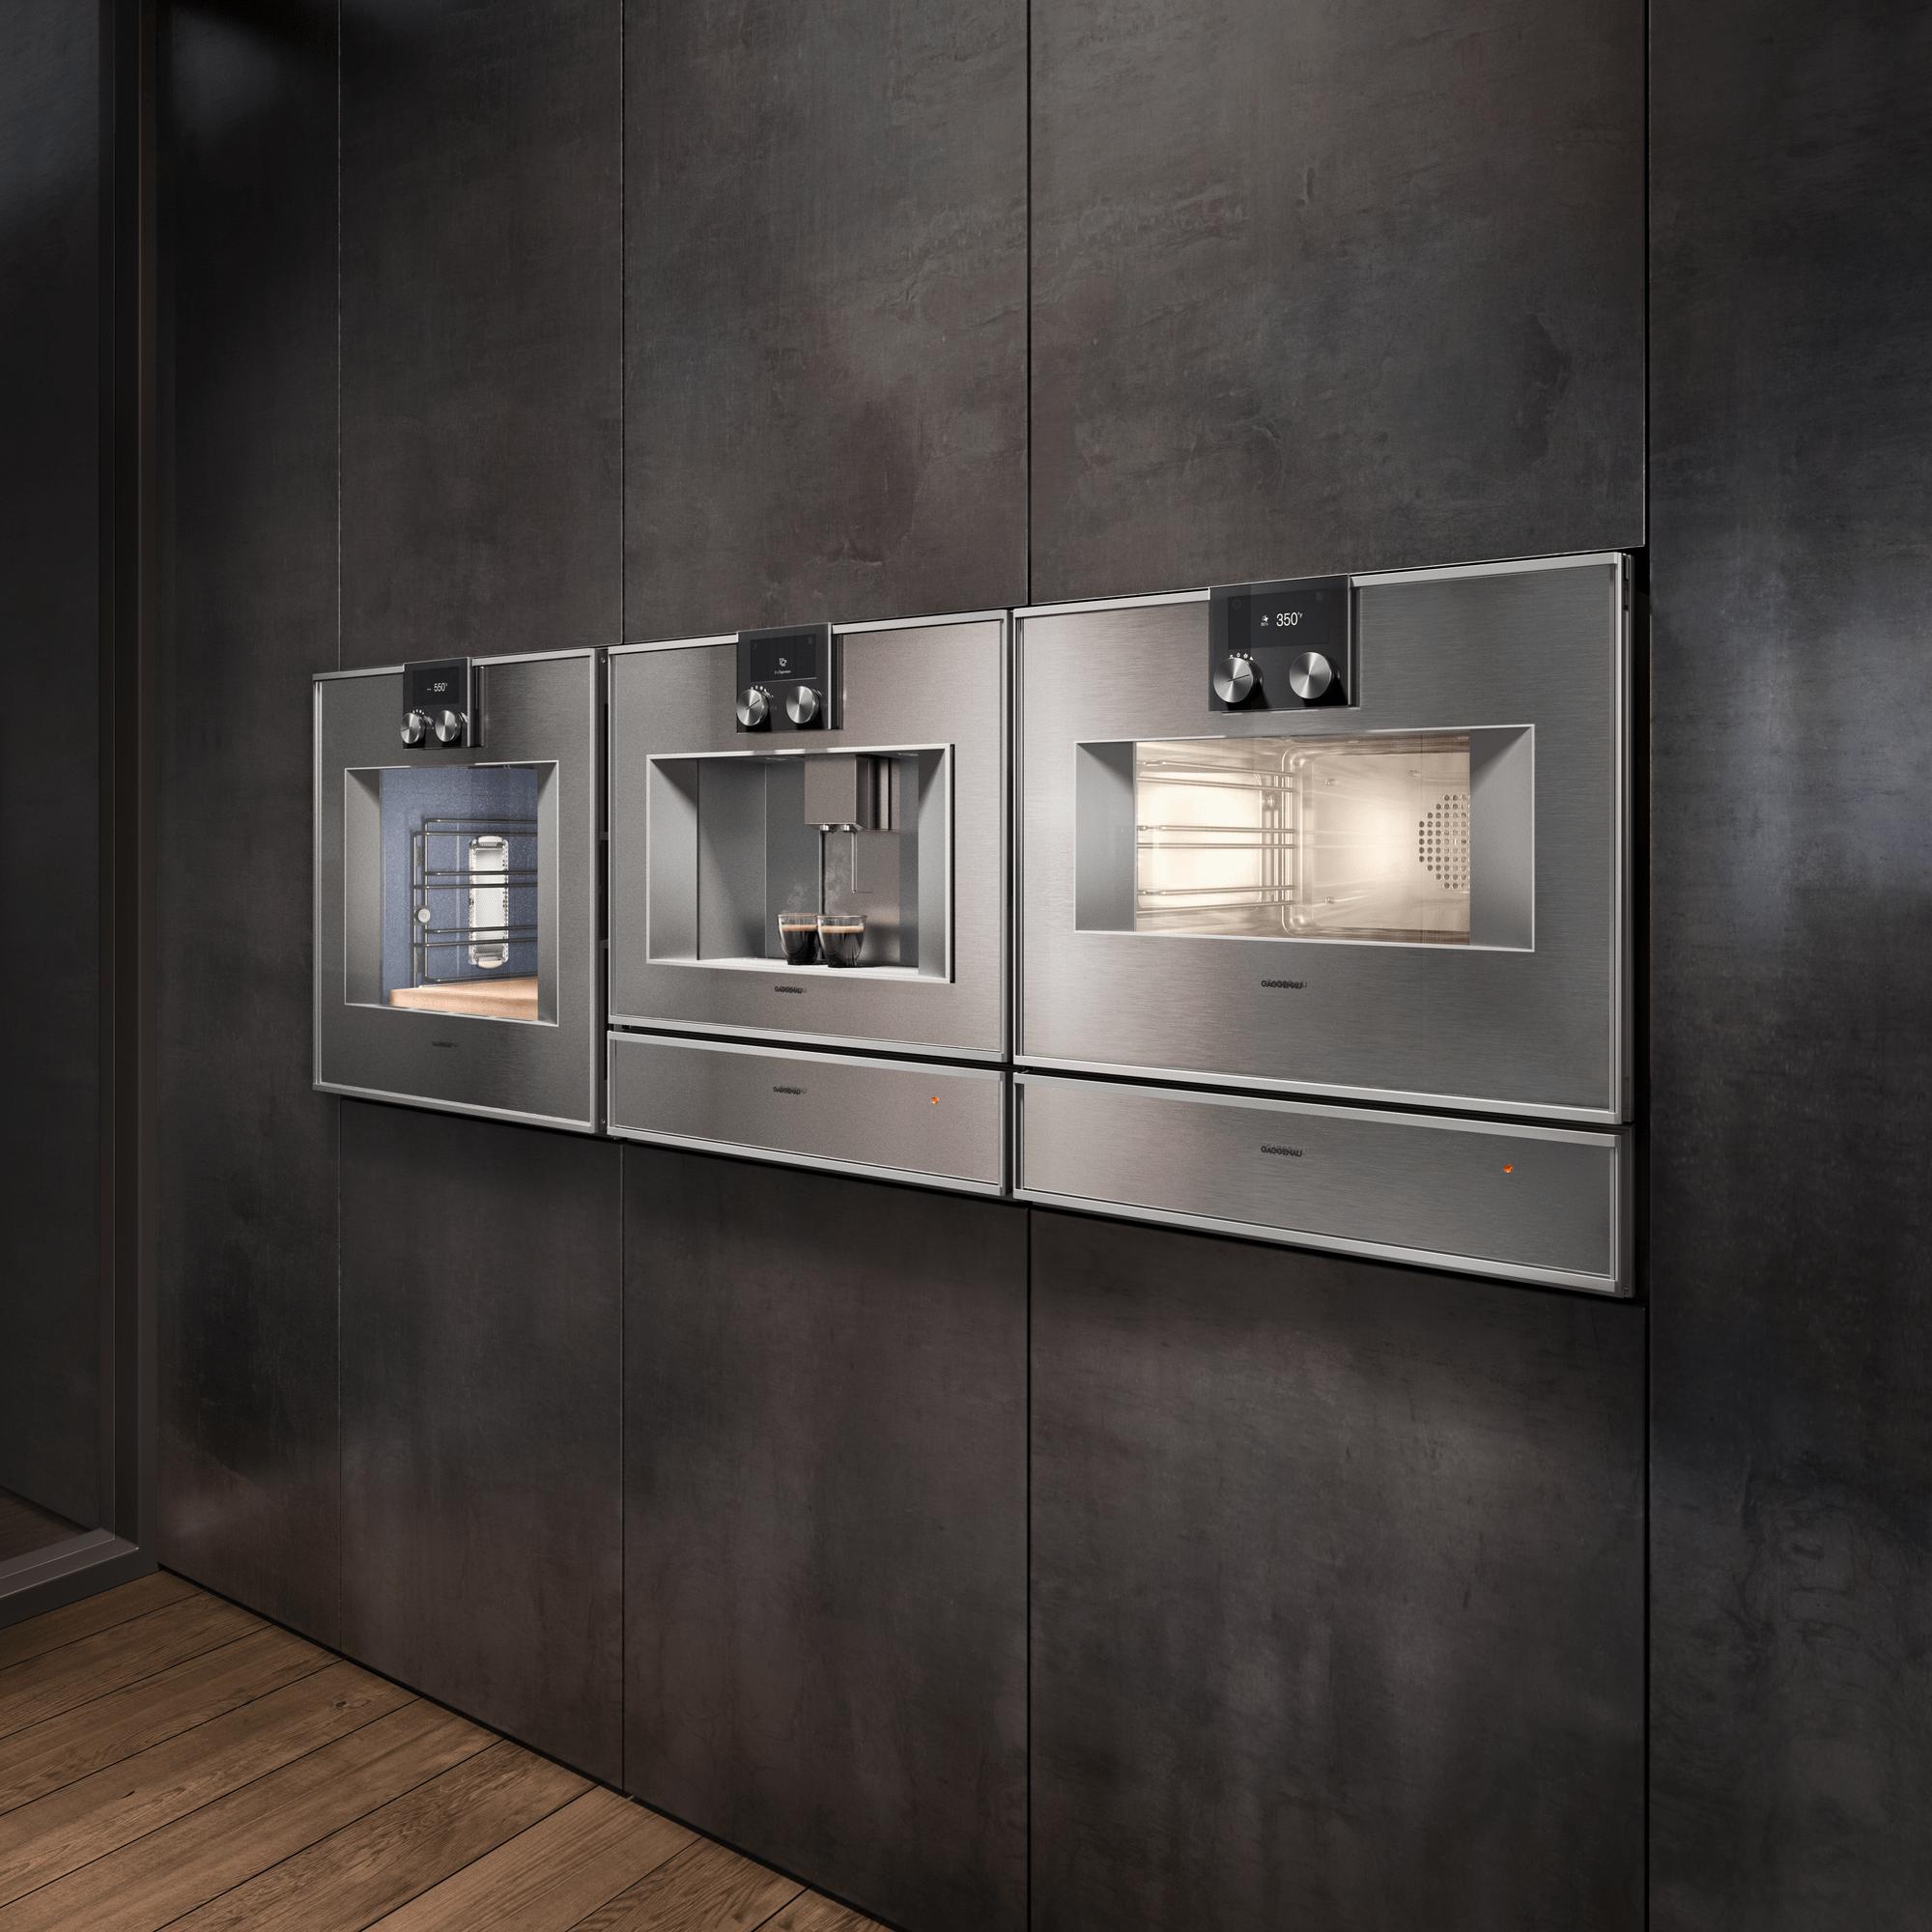 400 Series Oven 24'' Door Hinge: Right, Door Hinge: Right, Stainless Steel Behind Glass Photo #4